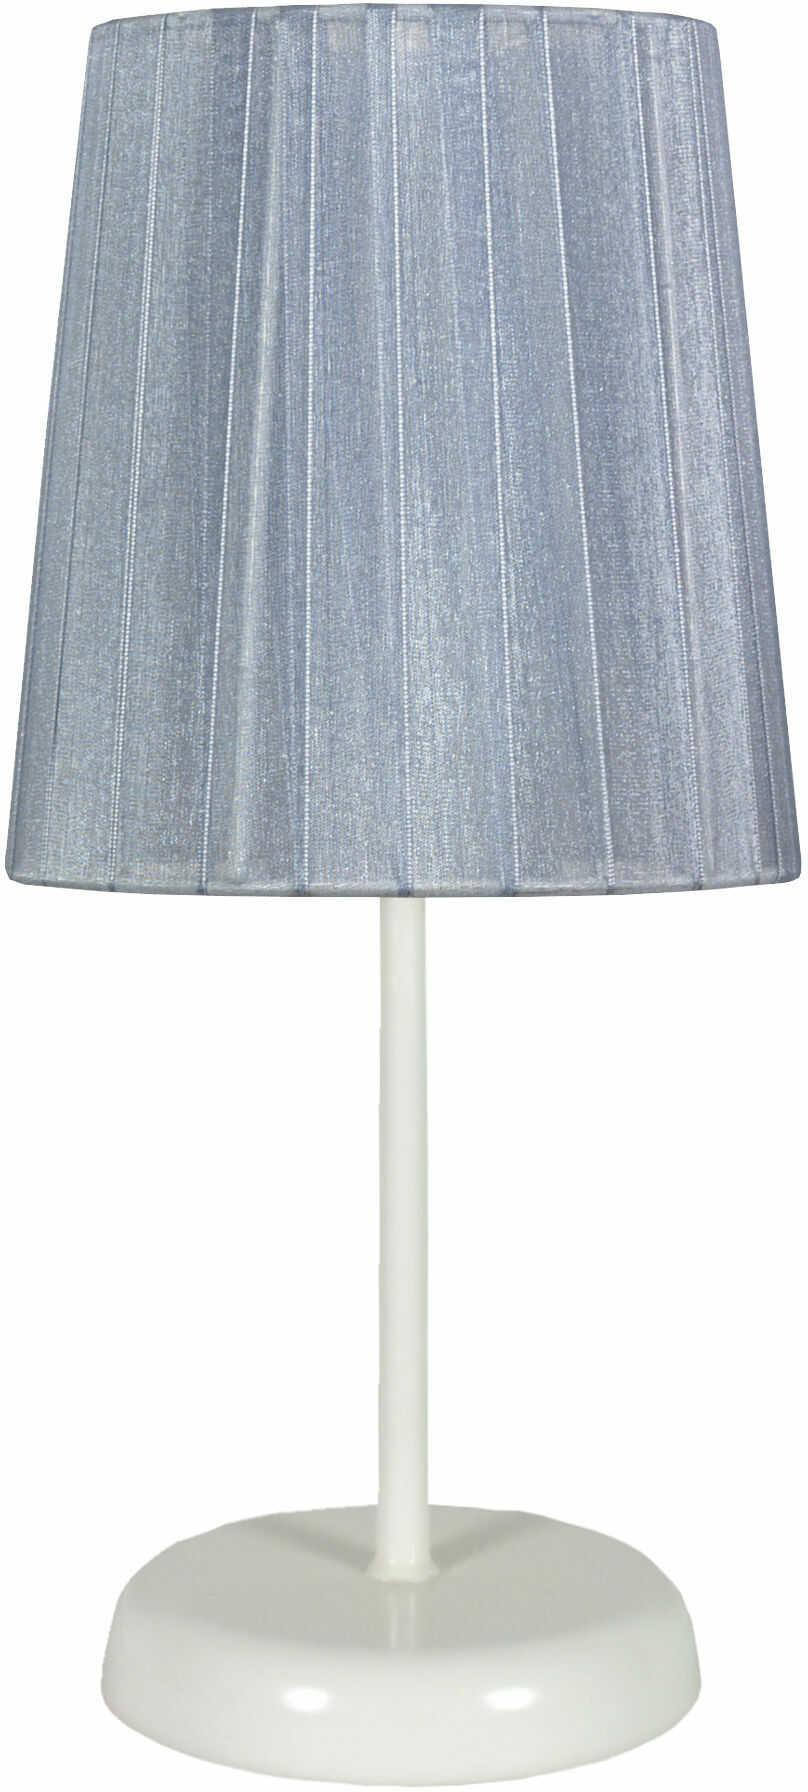 Candellux RIFASA 41-40862 lampa stołowa abażur szara 1X40W E14 14 cm